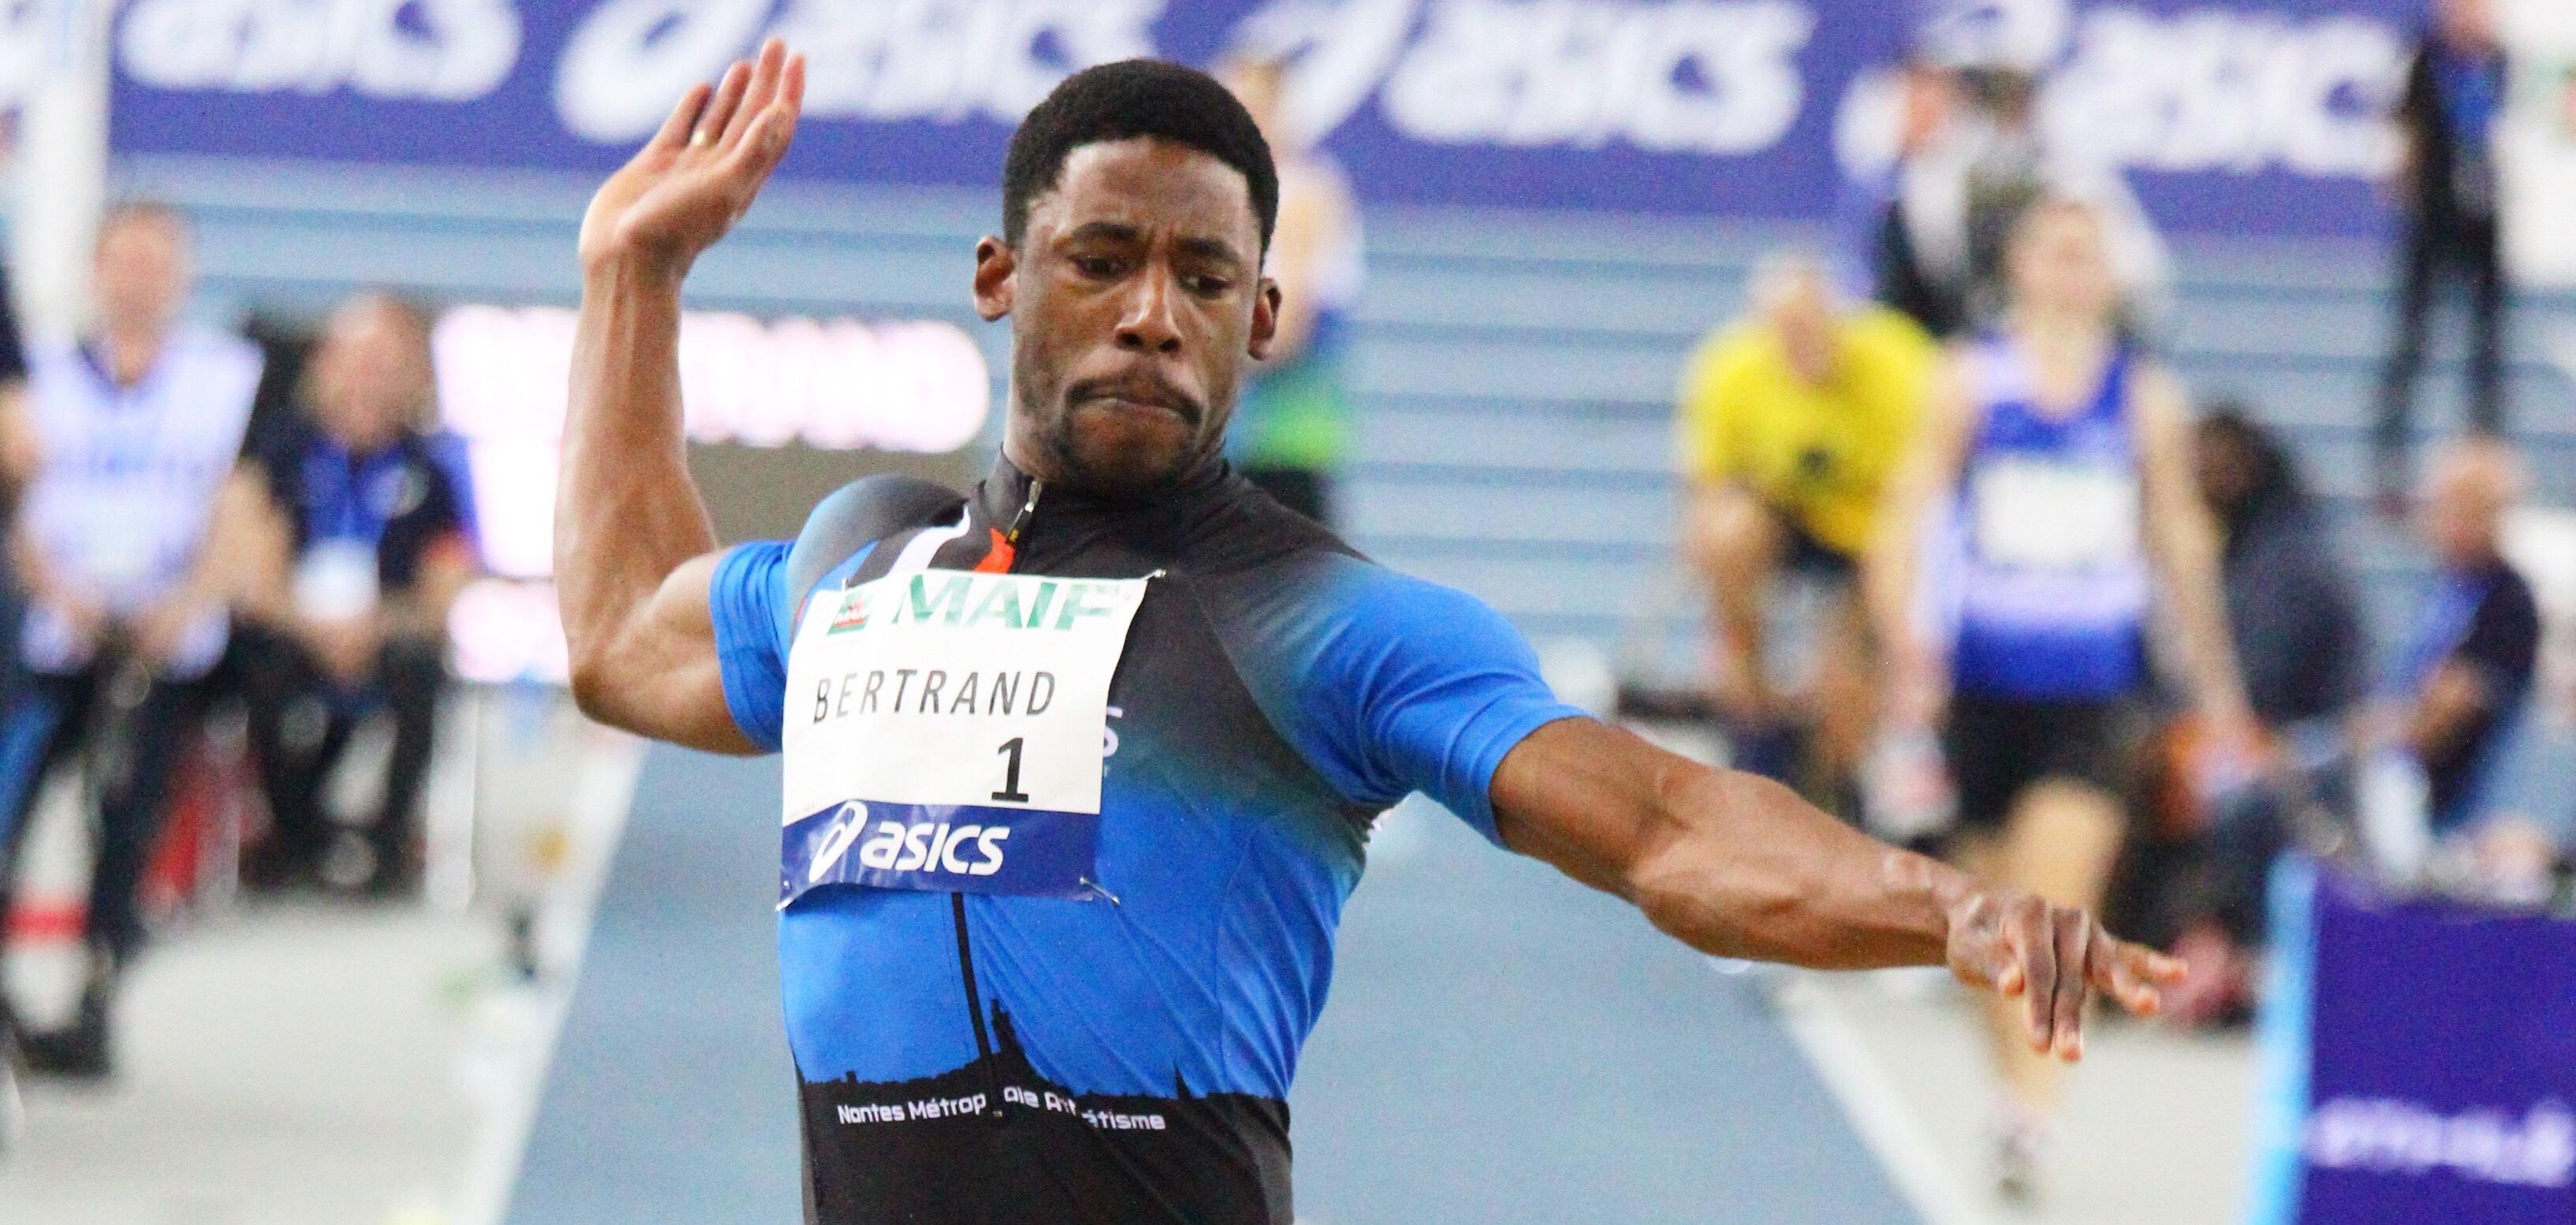 Championnats de France Elite en salle à Miramas : Bertrand en or, Raharolahy en argent